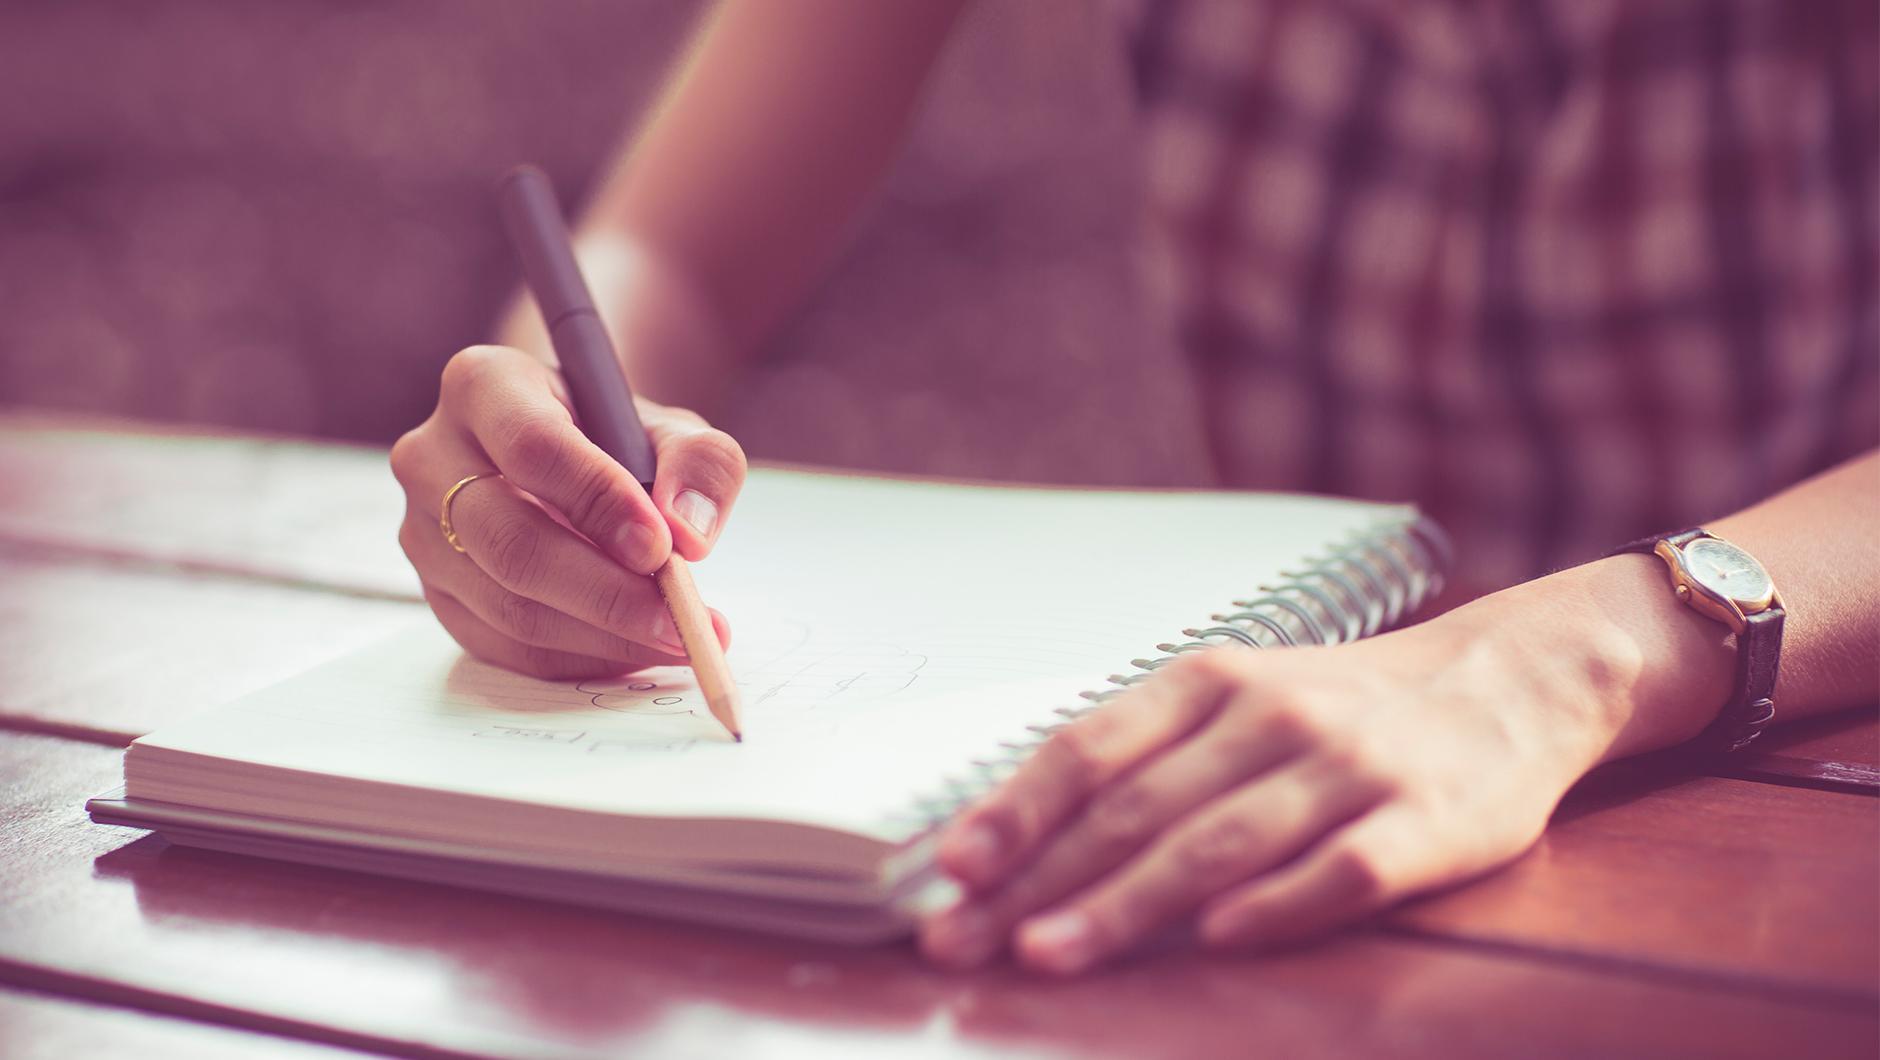 Как узнать, что ваше письмо прочитали? Упрощаем работу с email-рассылками